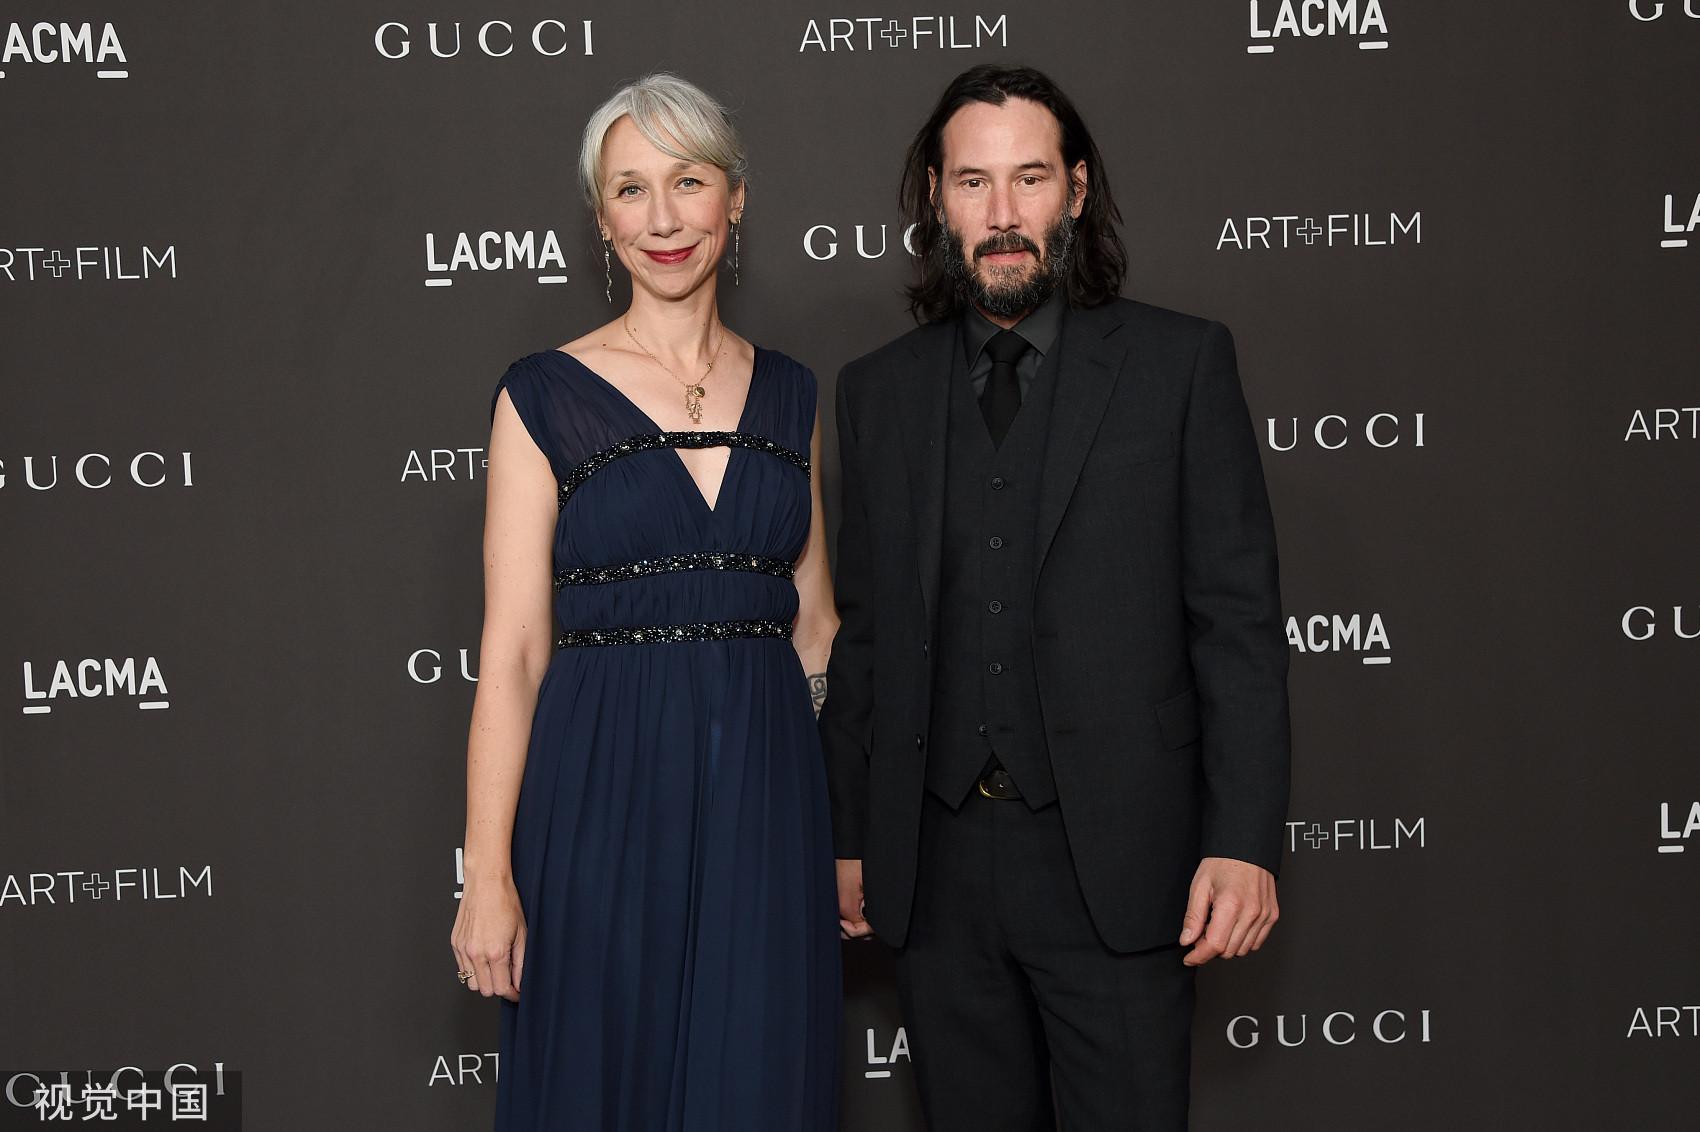 ▲▼基努李維(Keanu Reeves)公開認愛,新女友是46歲的藝術家亞歷山德拉格蘭特(Alexandra Grant)。(圖/CFP)